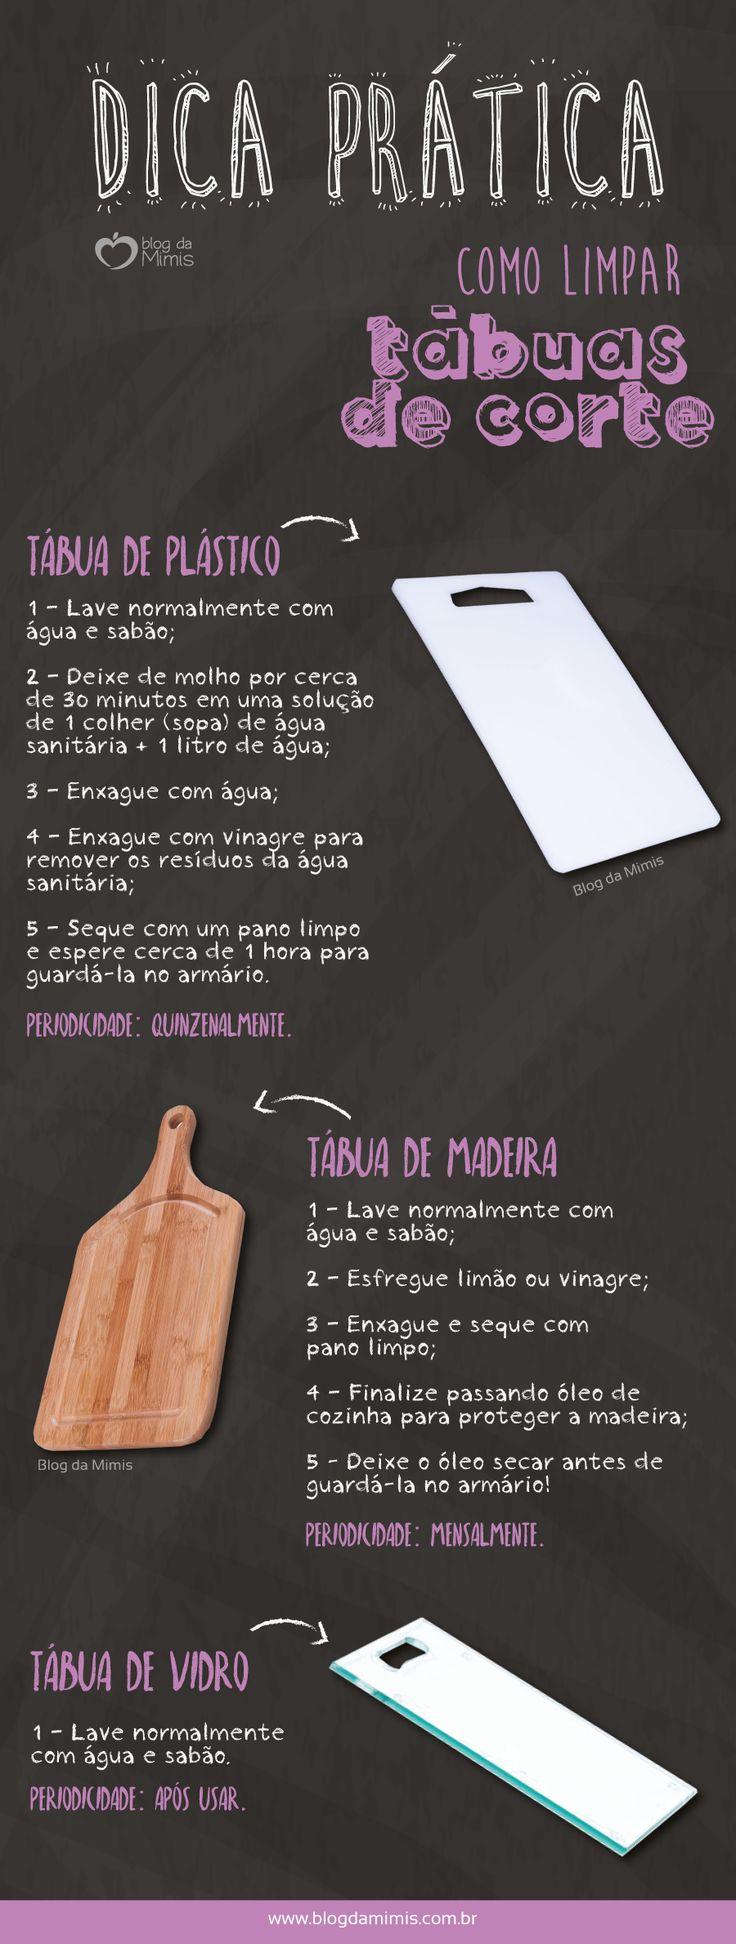 Dica prática: como limpar tábuas de corte - Blog da Mimis - #infográfico #blogdamimis #saúde #culinária